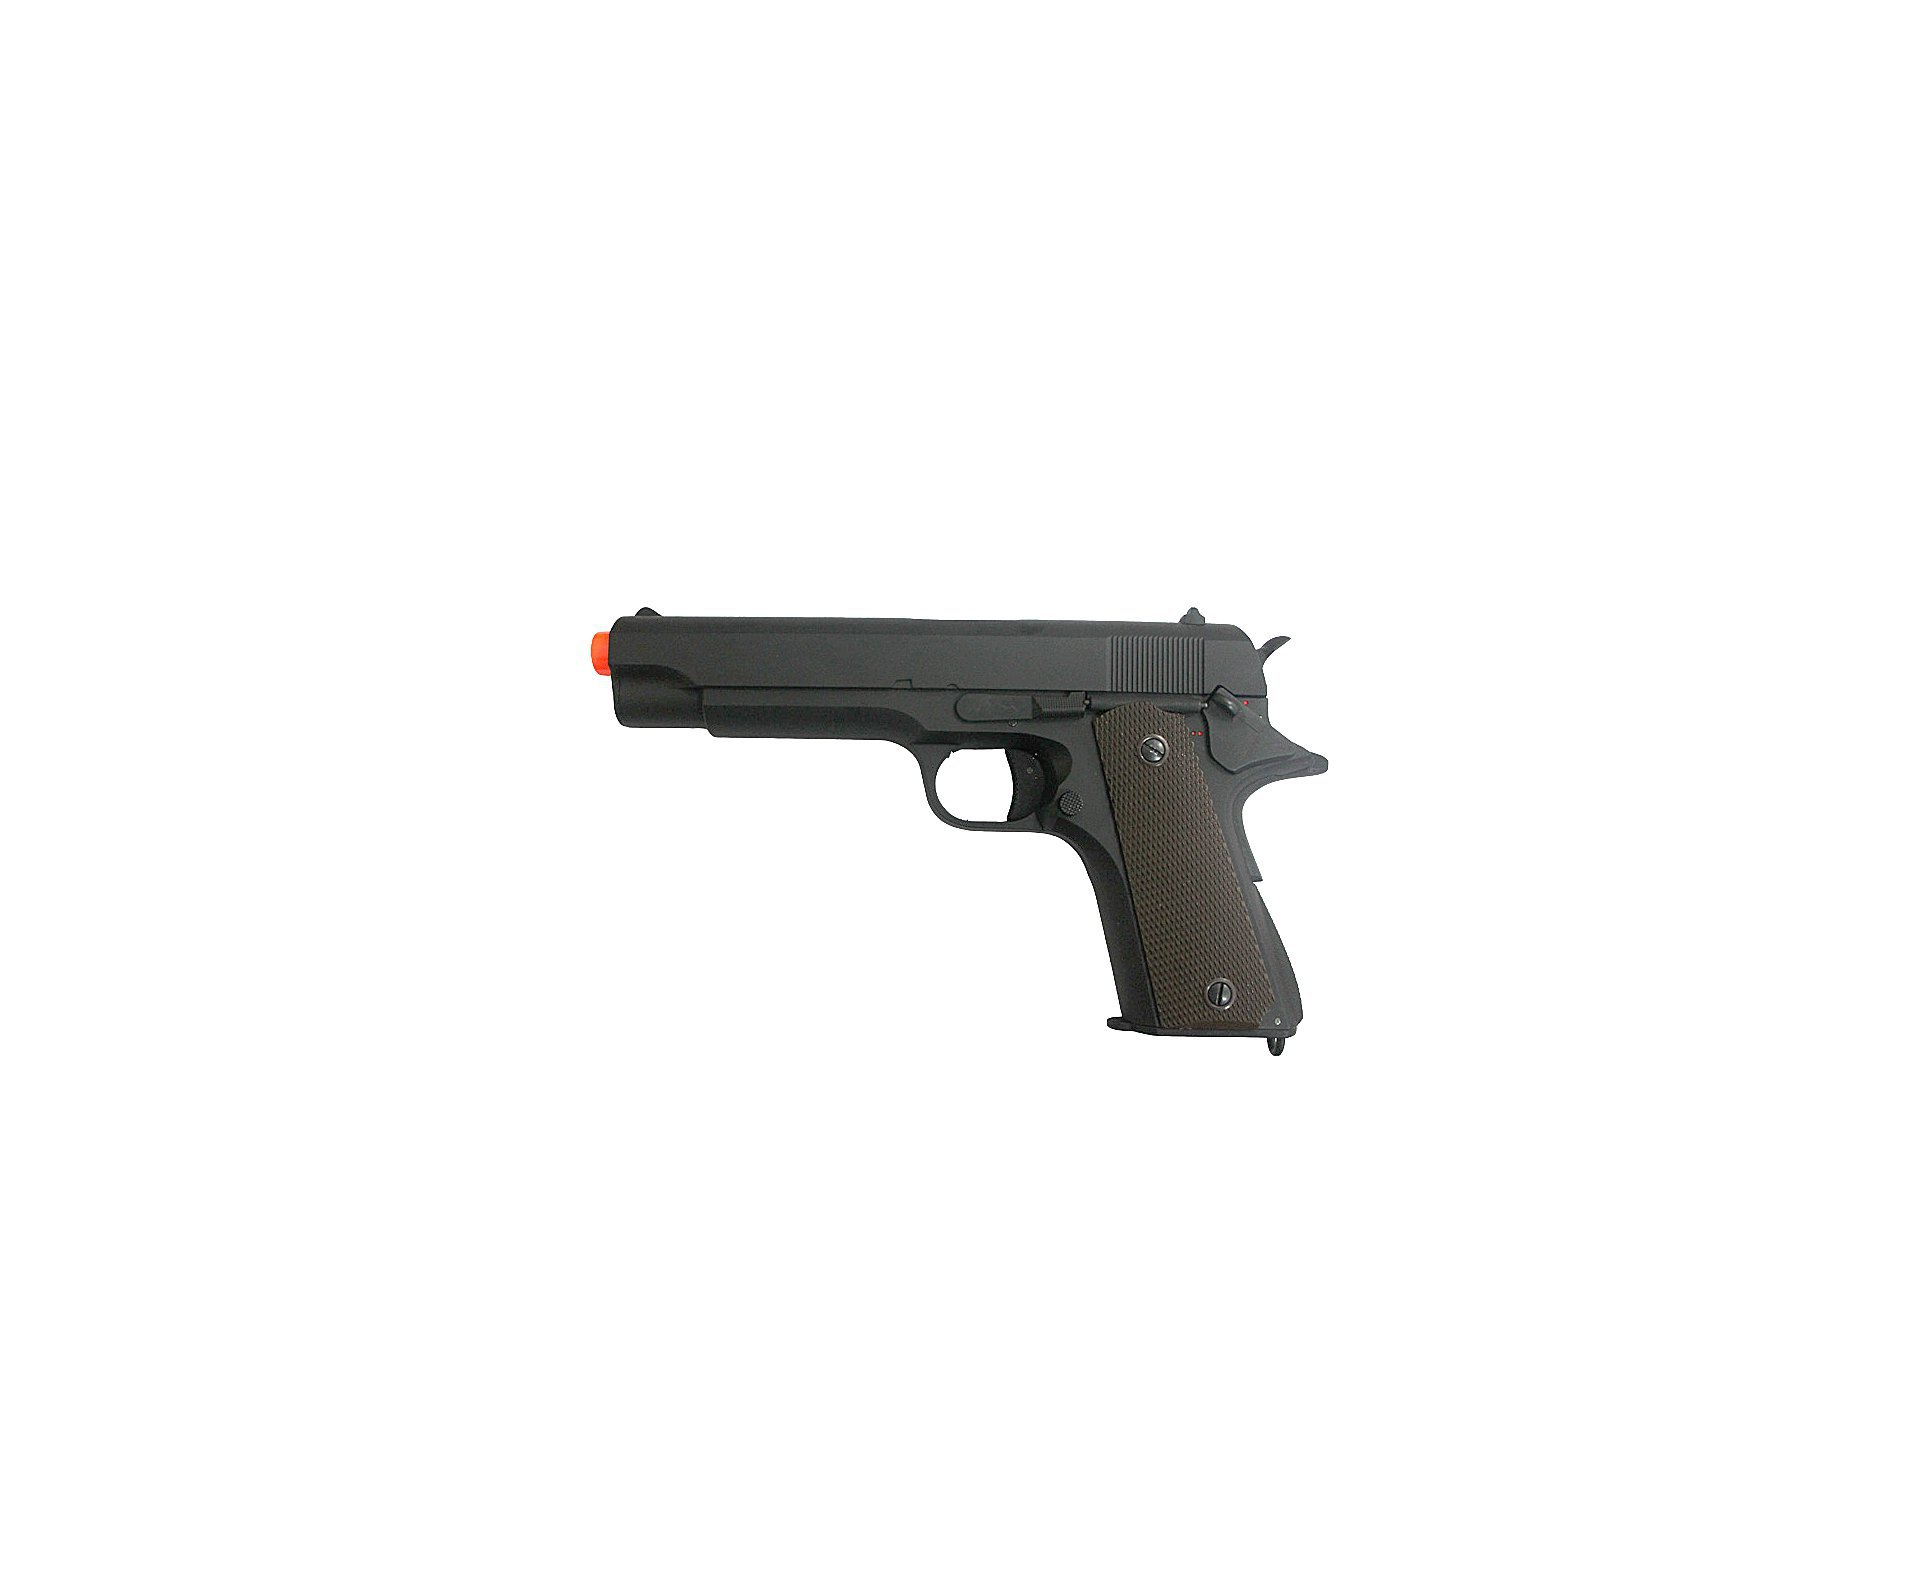 Pistola De Airsoft Eletrica 1911 Bivolt + Esferas 0,20g + Case Deluxe + Coldre - Cyma